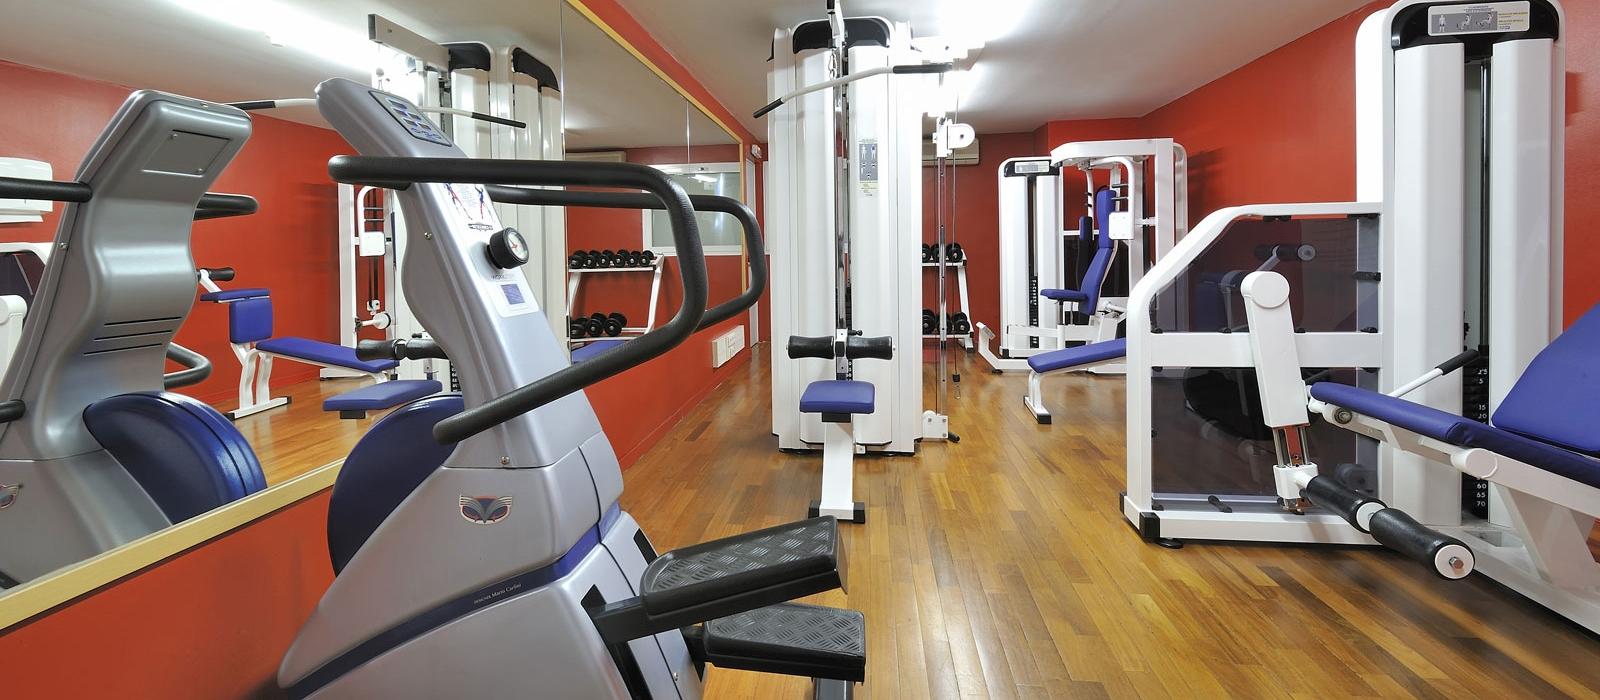 Hoteles con gimnasio en madrid vincci soma - Gimnasio espana industrial ...